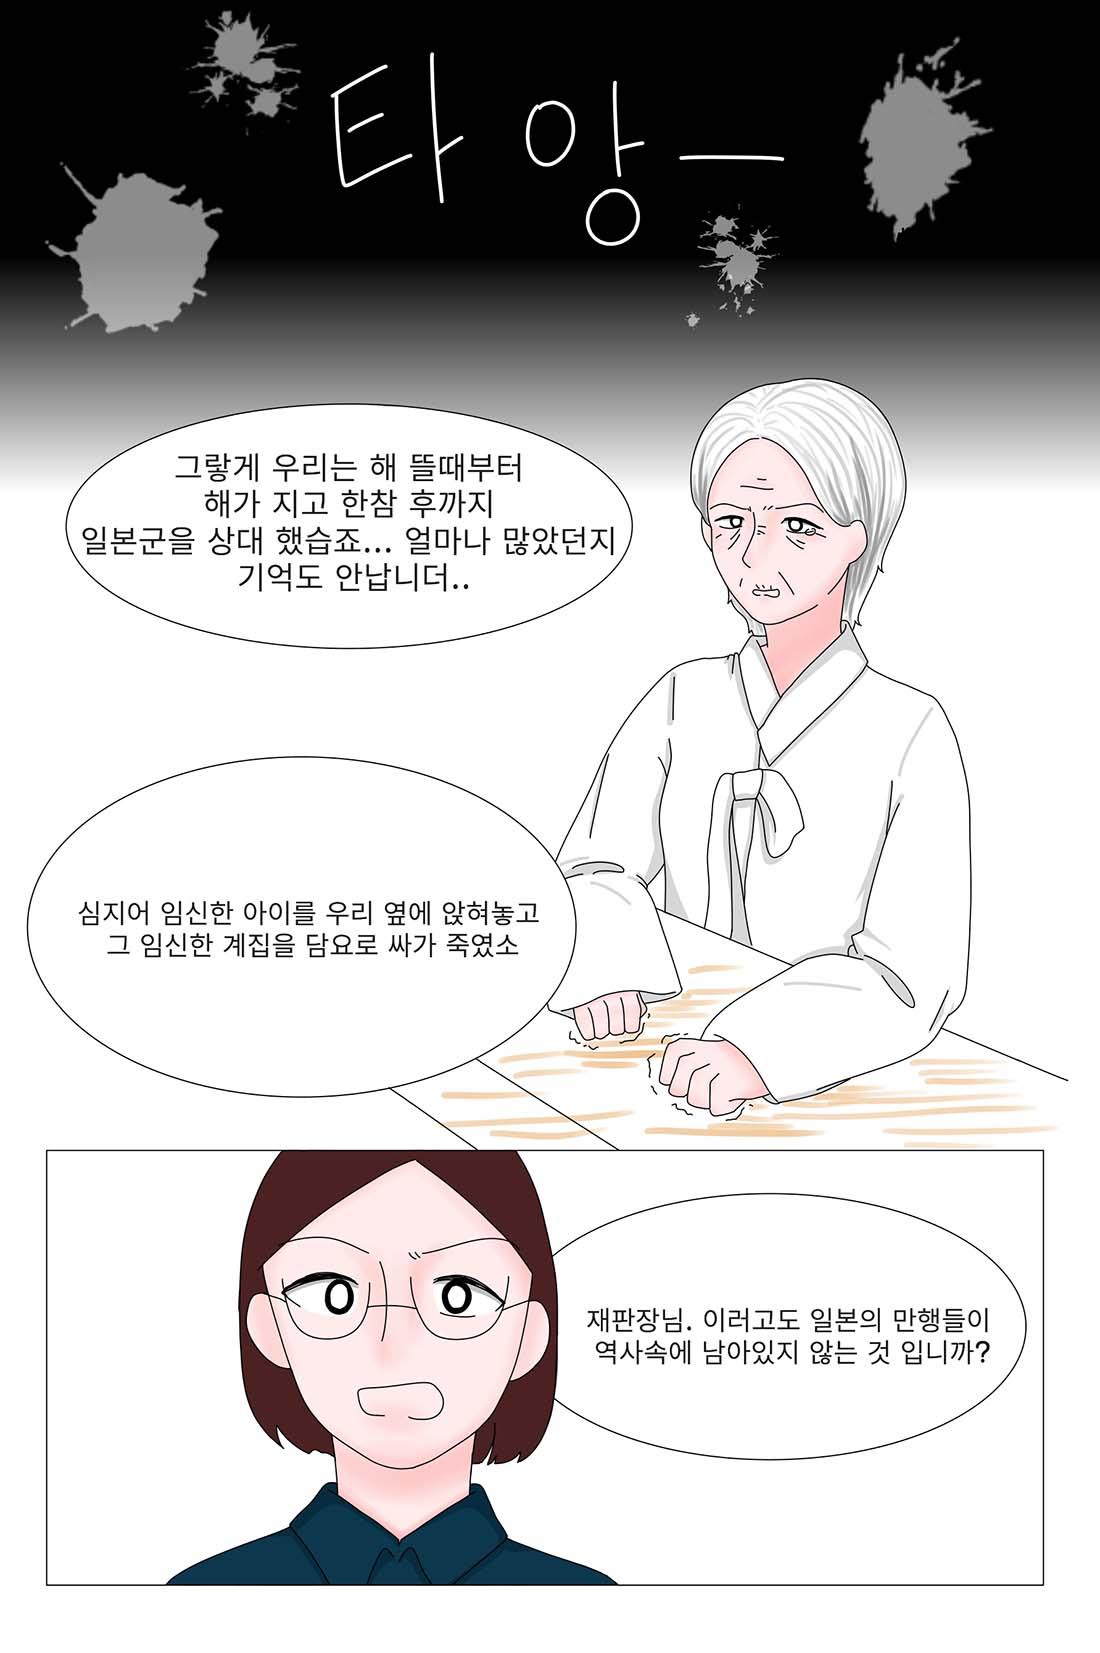 웹툰평화상_11번